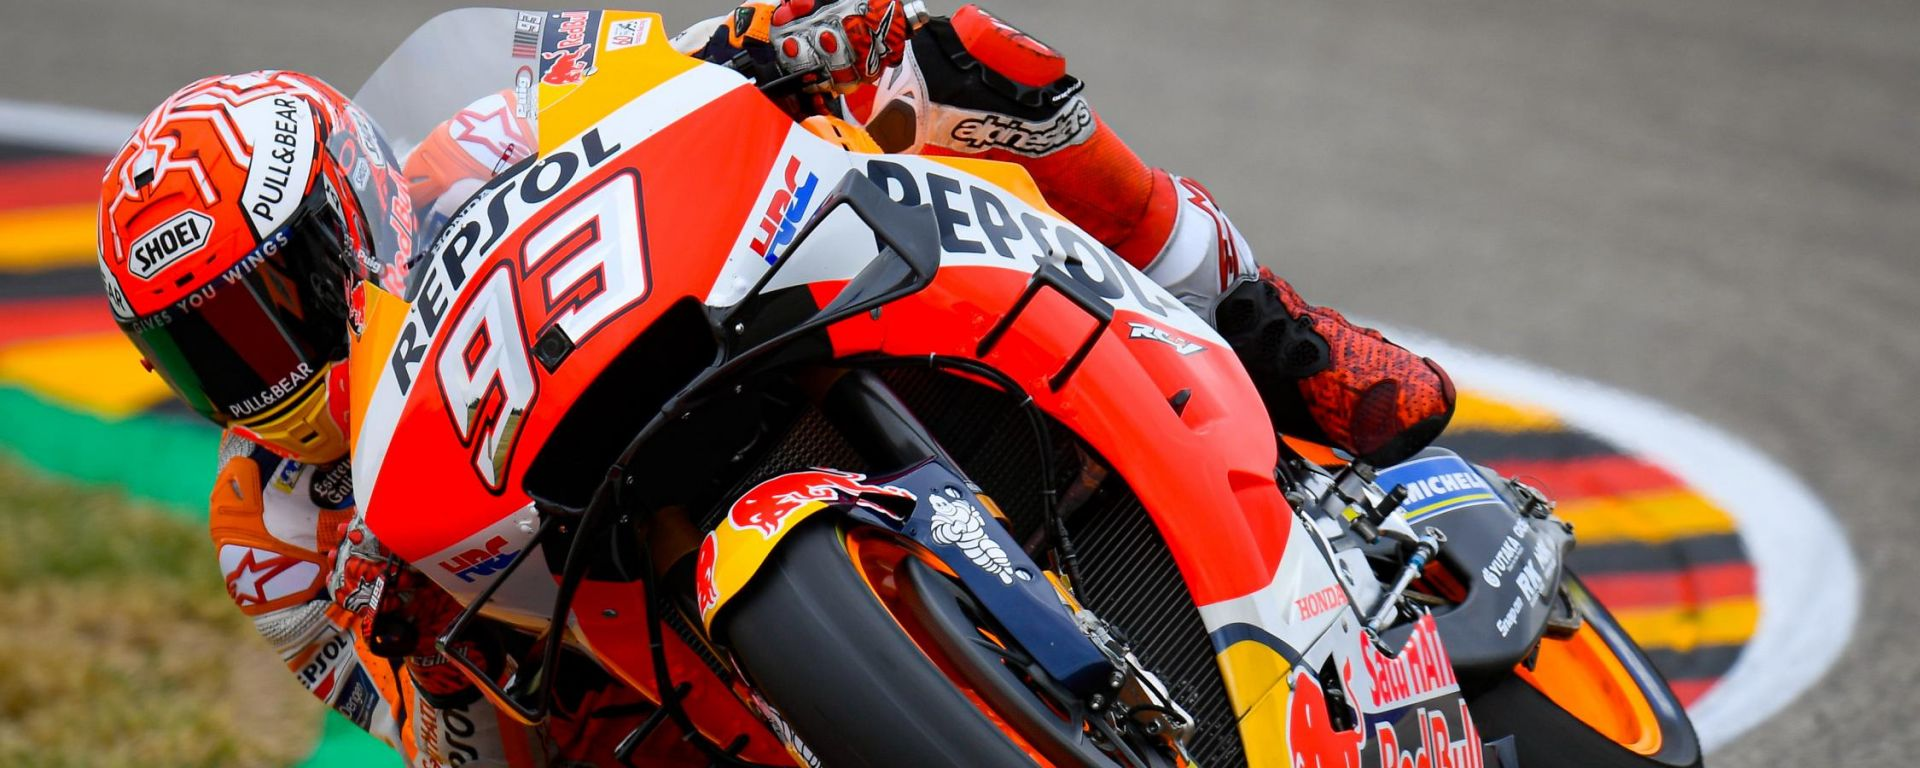 MotoGP Germania 2019, FP2, Marc Marquez (Honda)